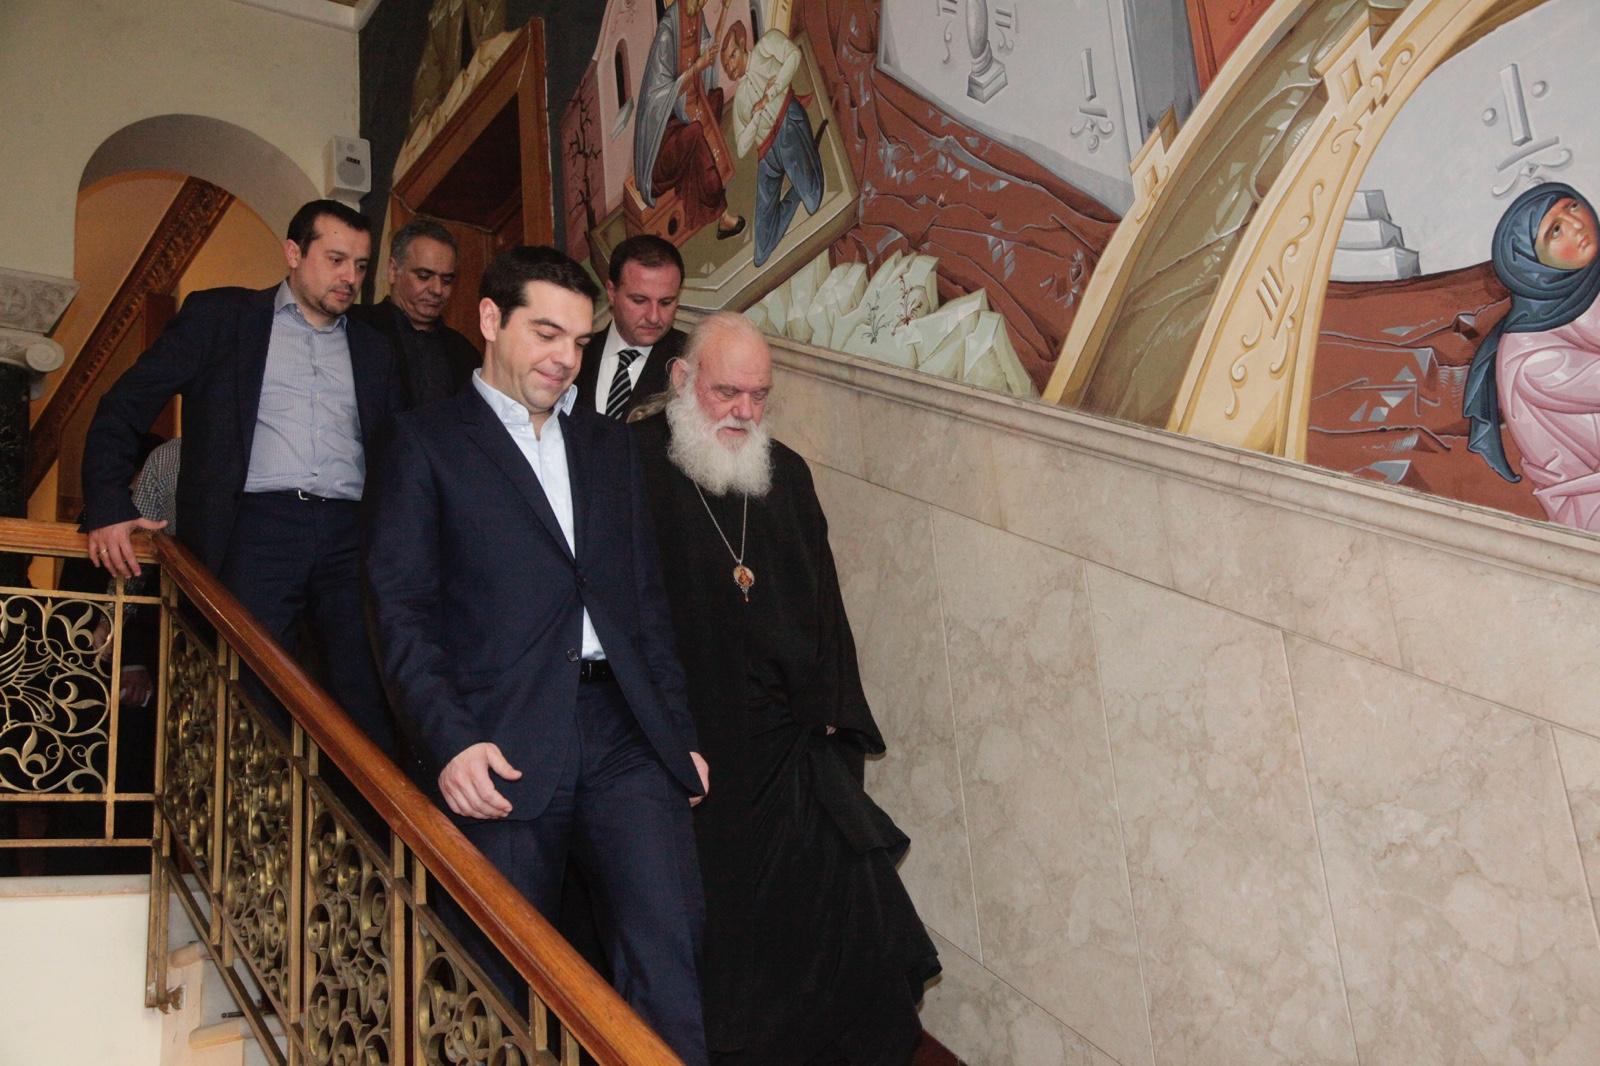 Ο νέος πρωθυπουργός Αλέξης Τσίπρας επισκέφθηκε τον Αρχιεπίσκοπο